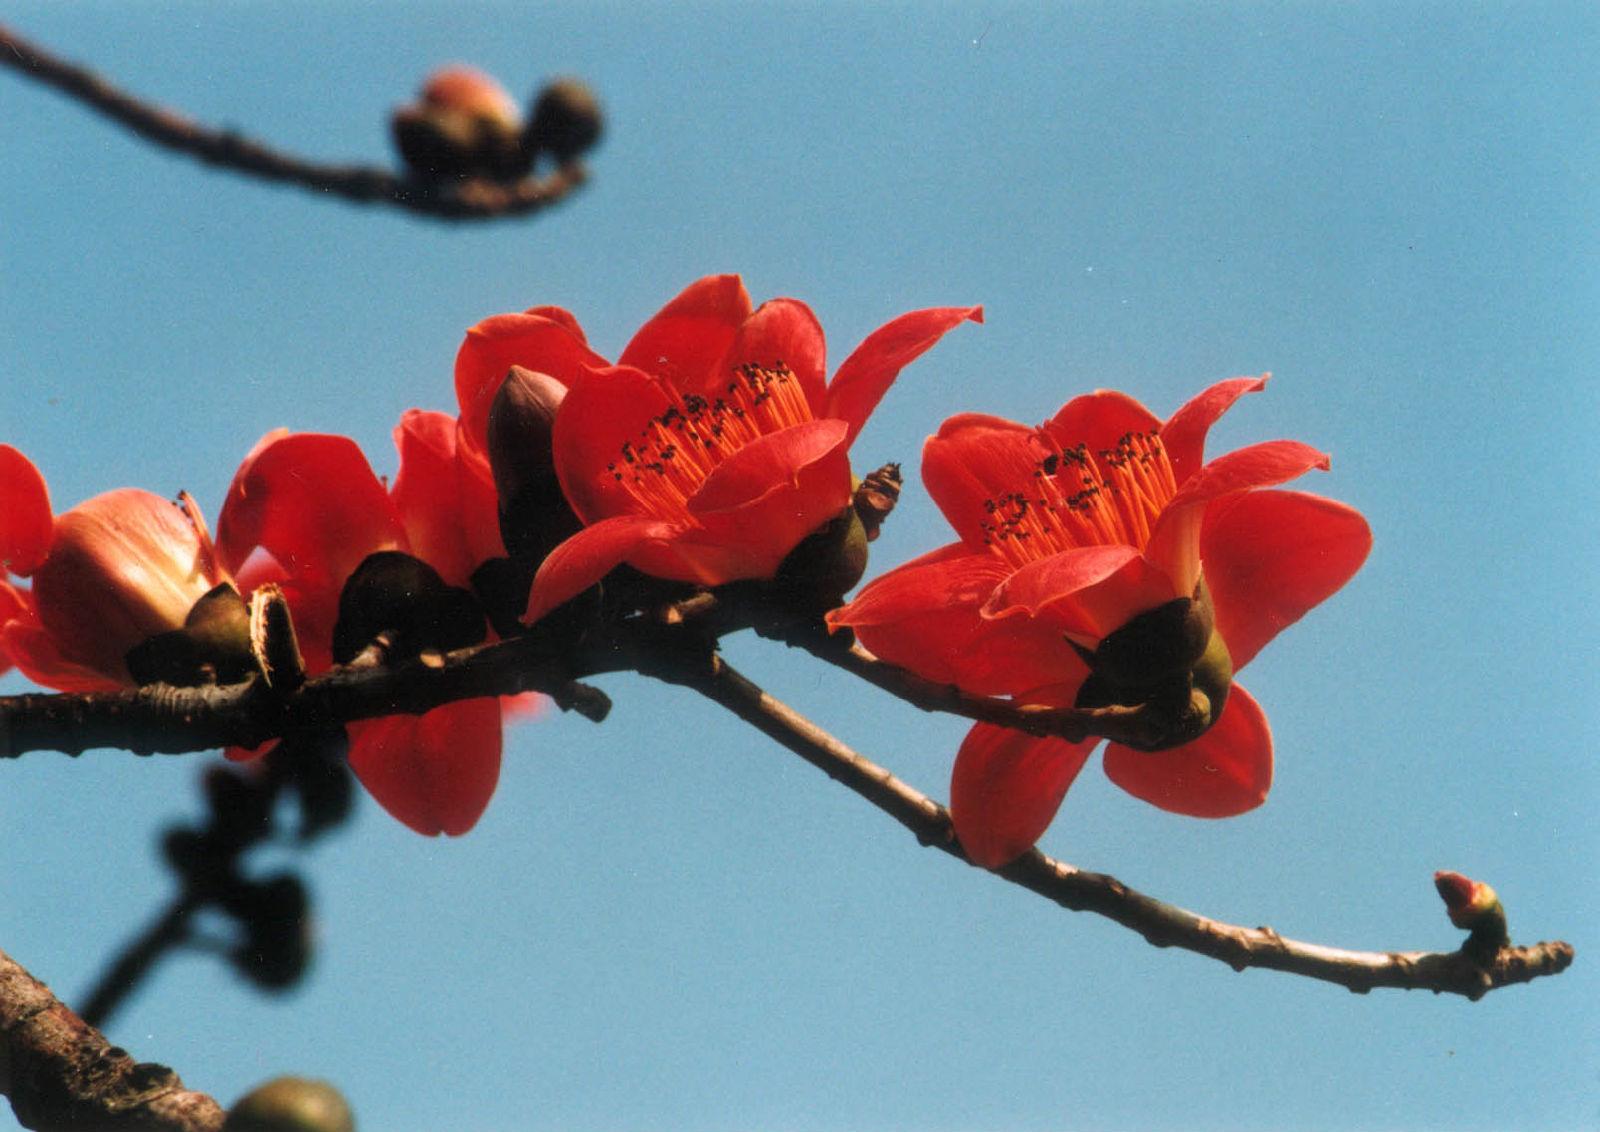 木棉花/和素雅清香 - 一掬茗香 - 一掬茗香的博客